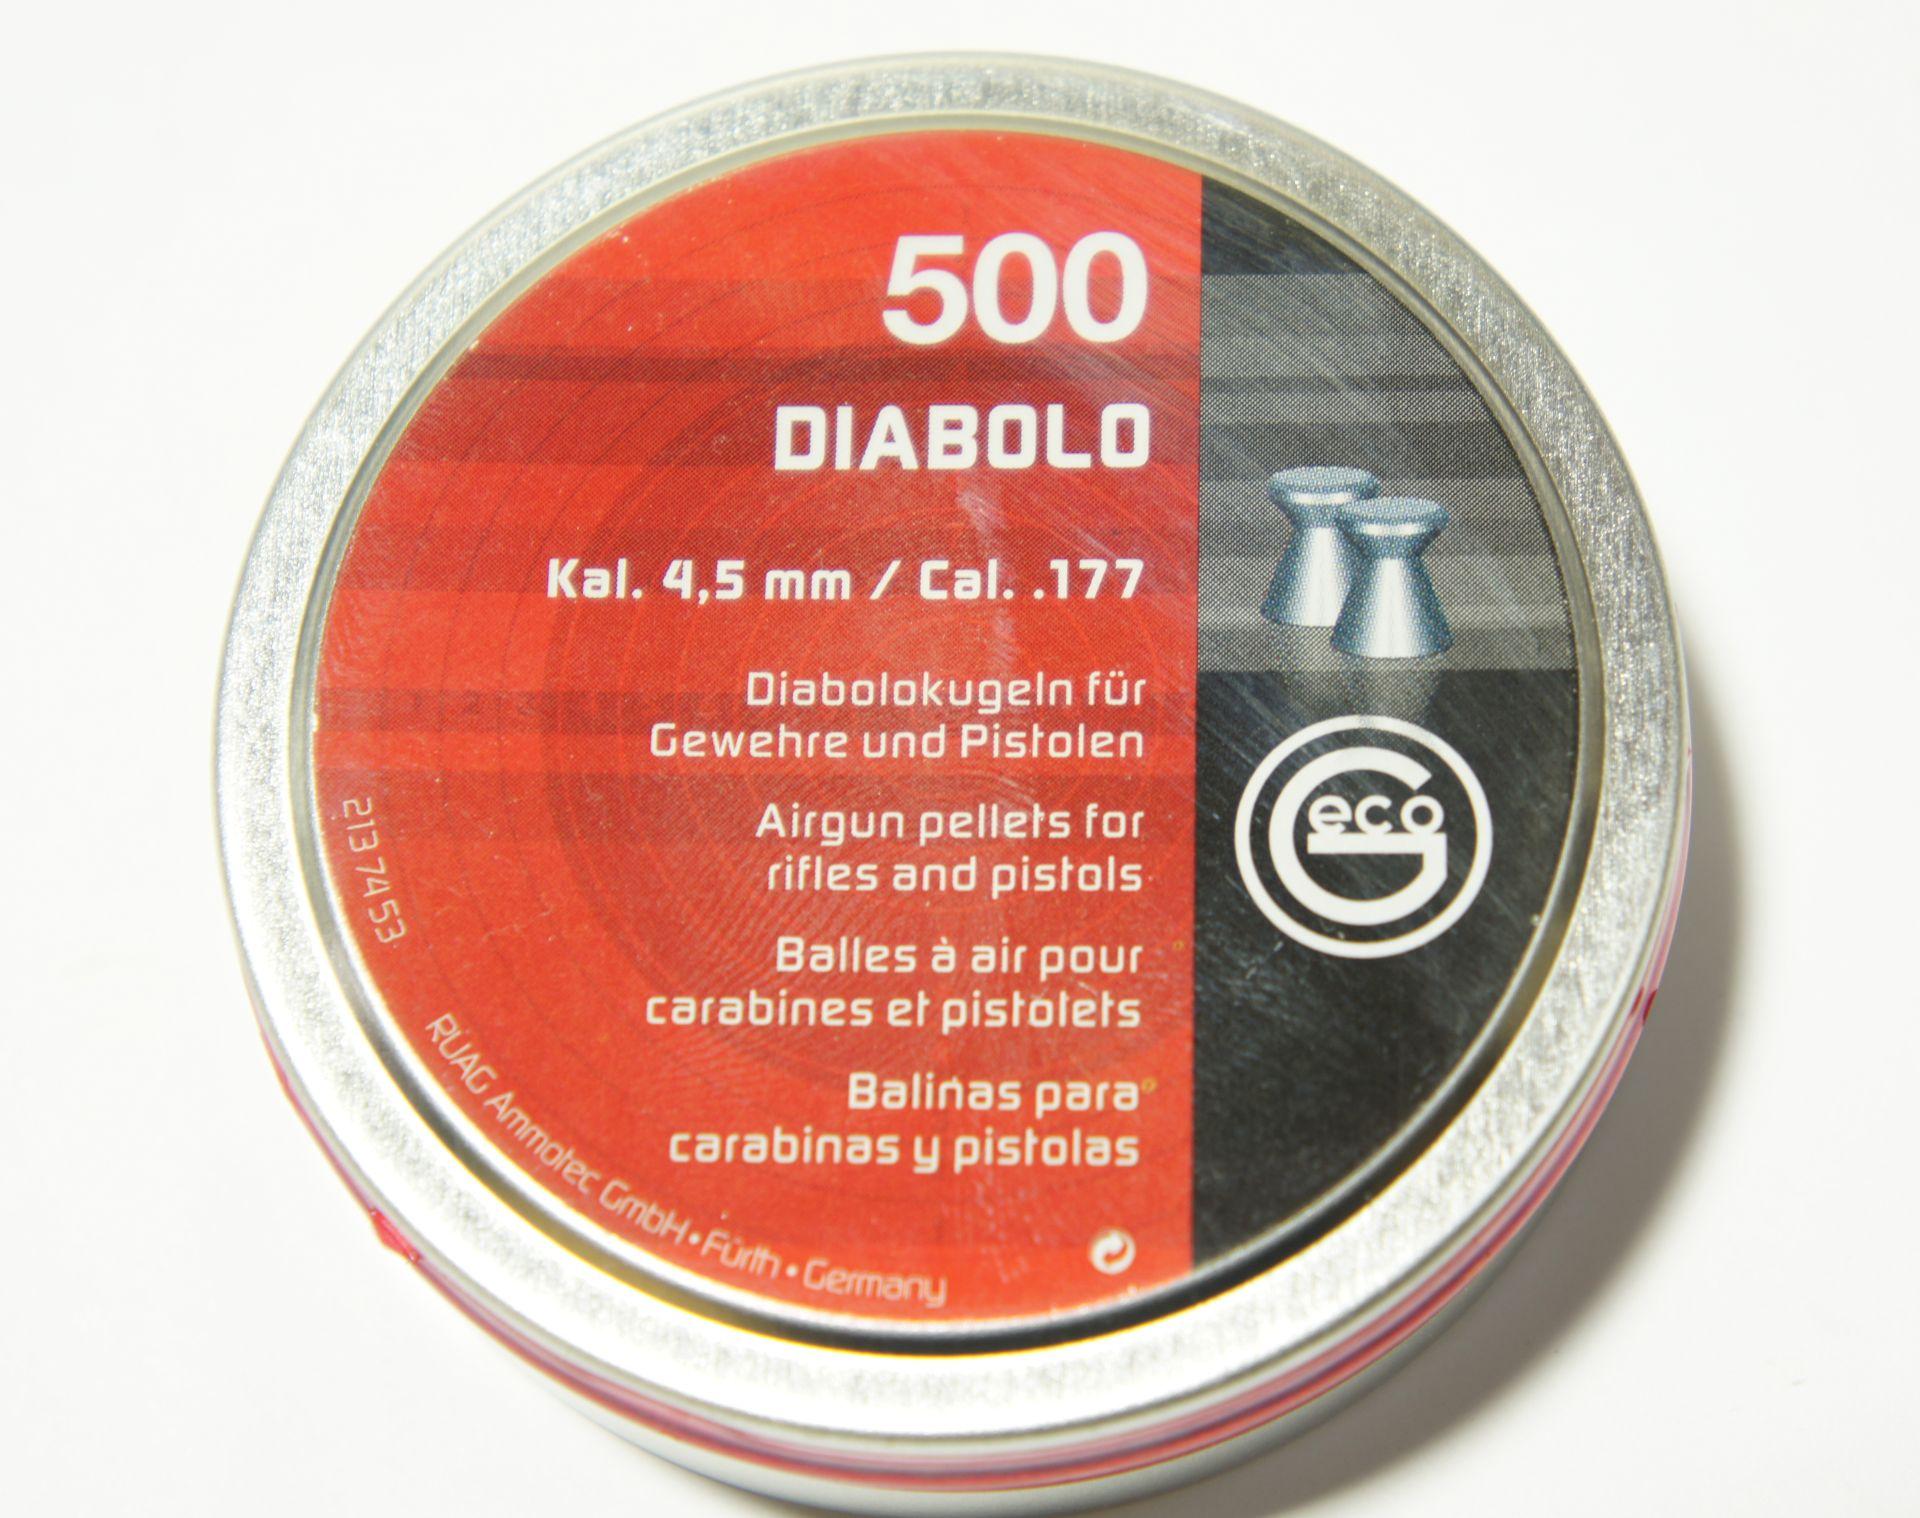 Hier gelangen Sie  <a href=1172014.htm> zu empfehlenswerten Diabolo Geschossen (ca. 500) 4,5mm </a>